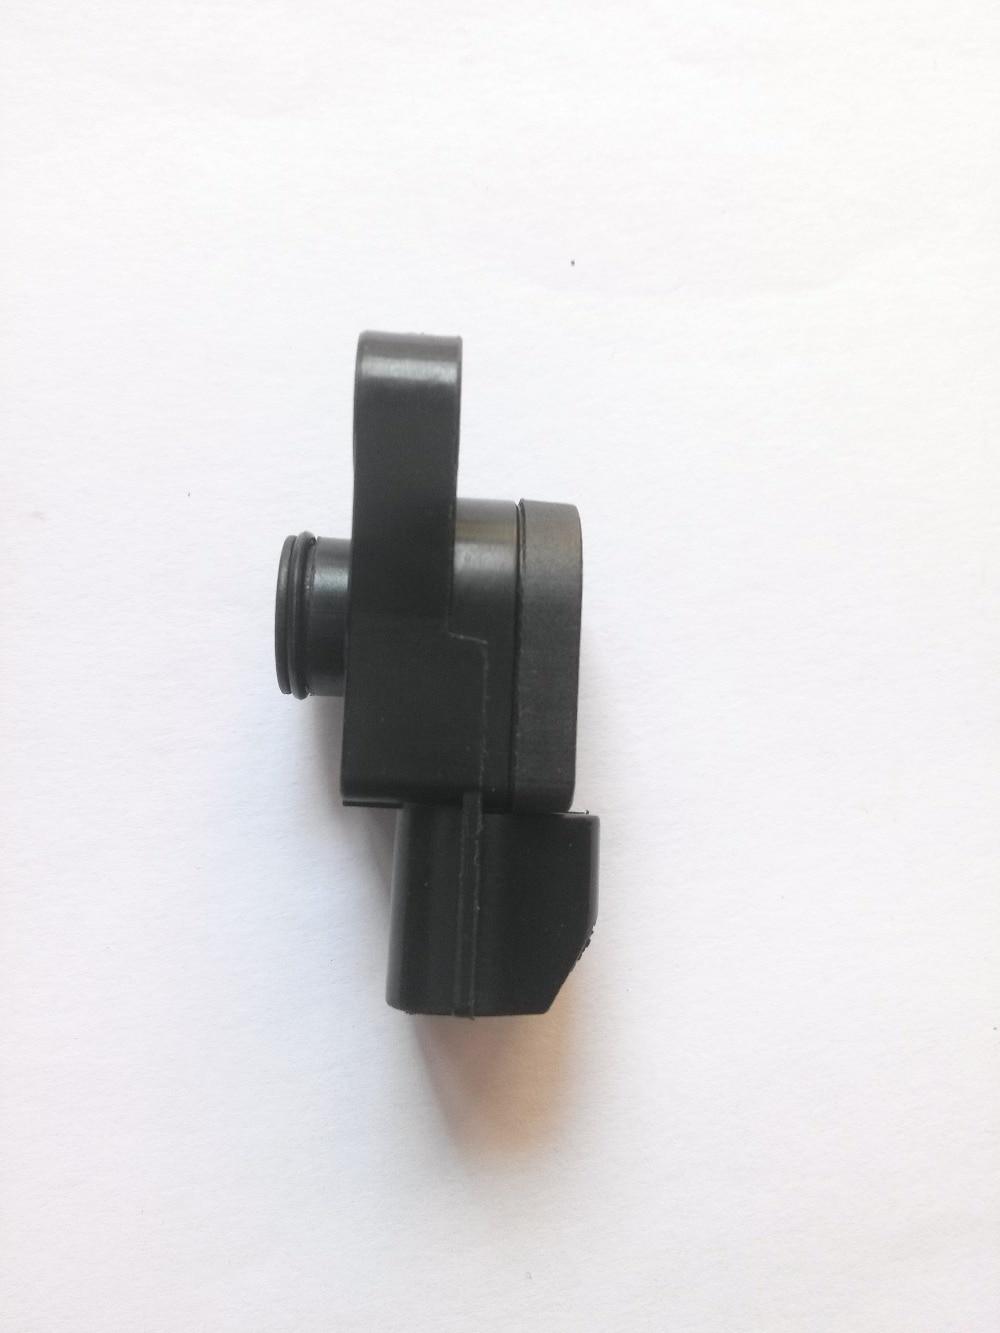 12 месяцев Гарантия качества Датчик положения дроссельной заслонки для Suzuki(1999) OE No.13580-29G00(против часовой стрелки